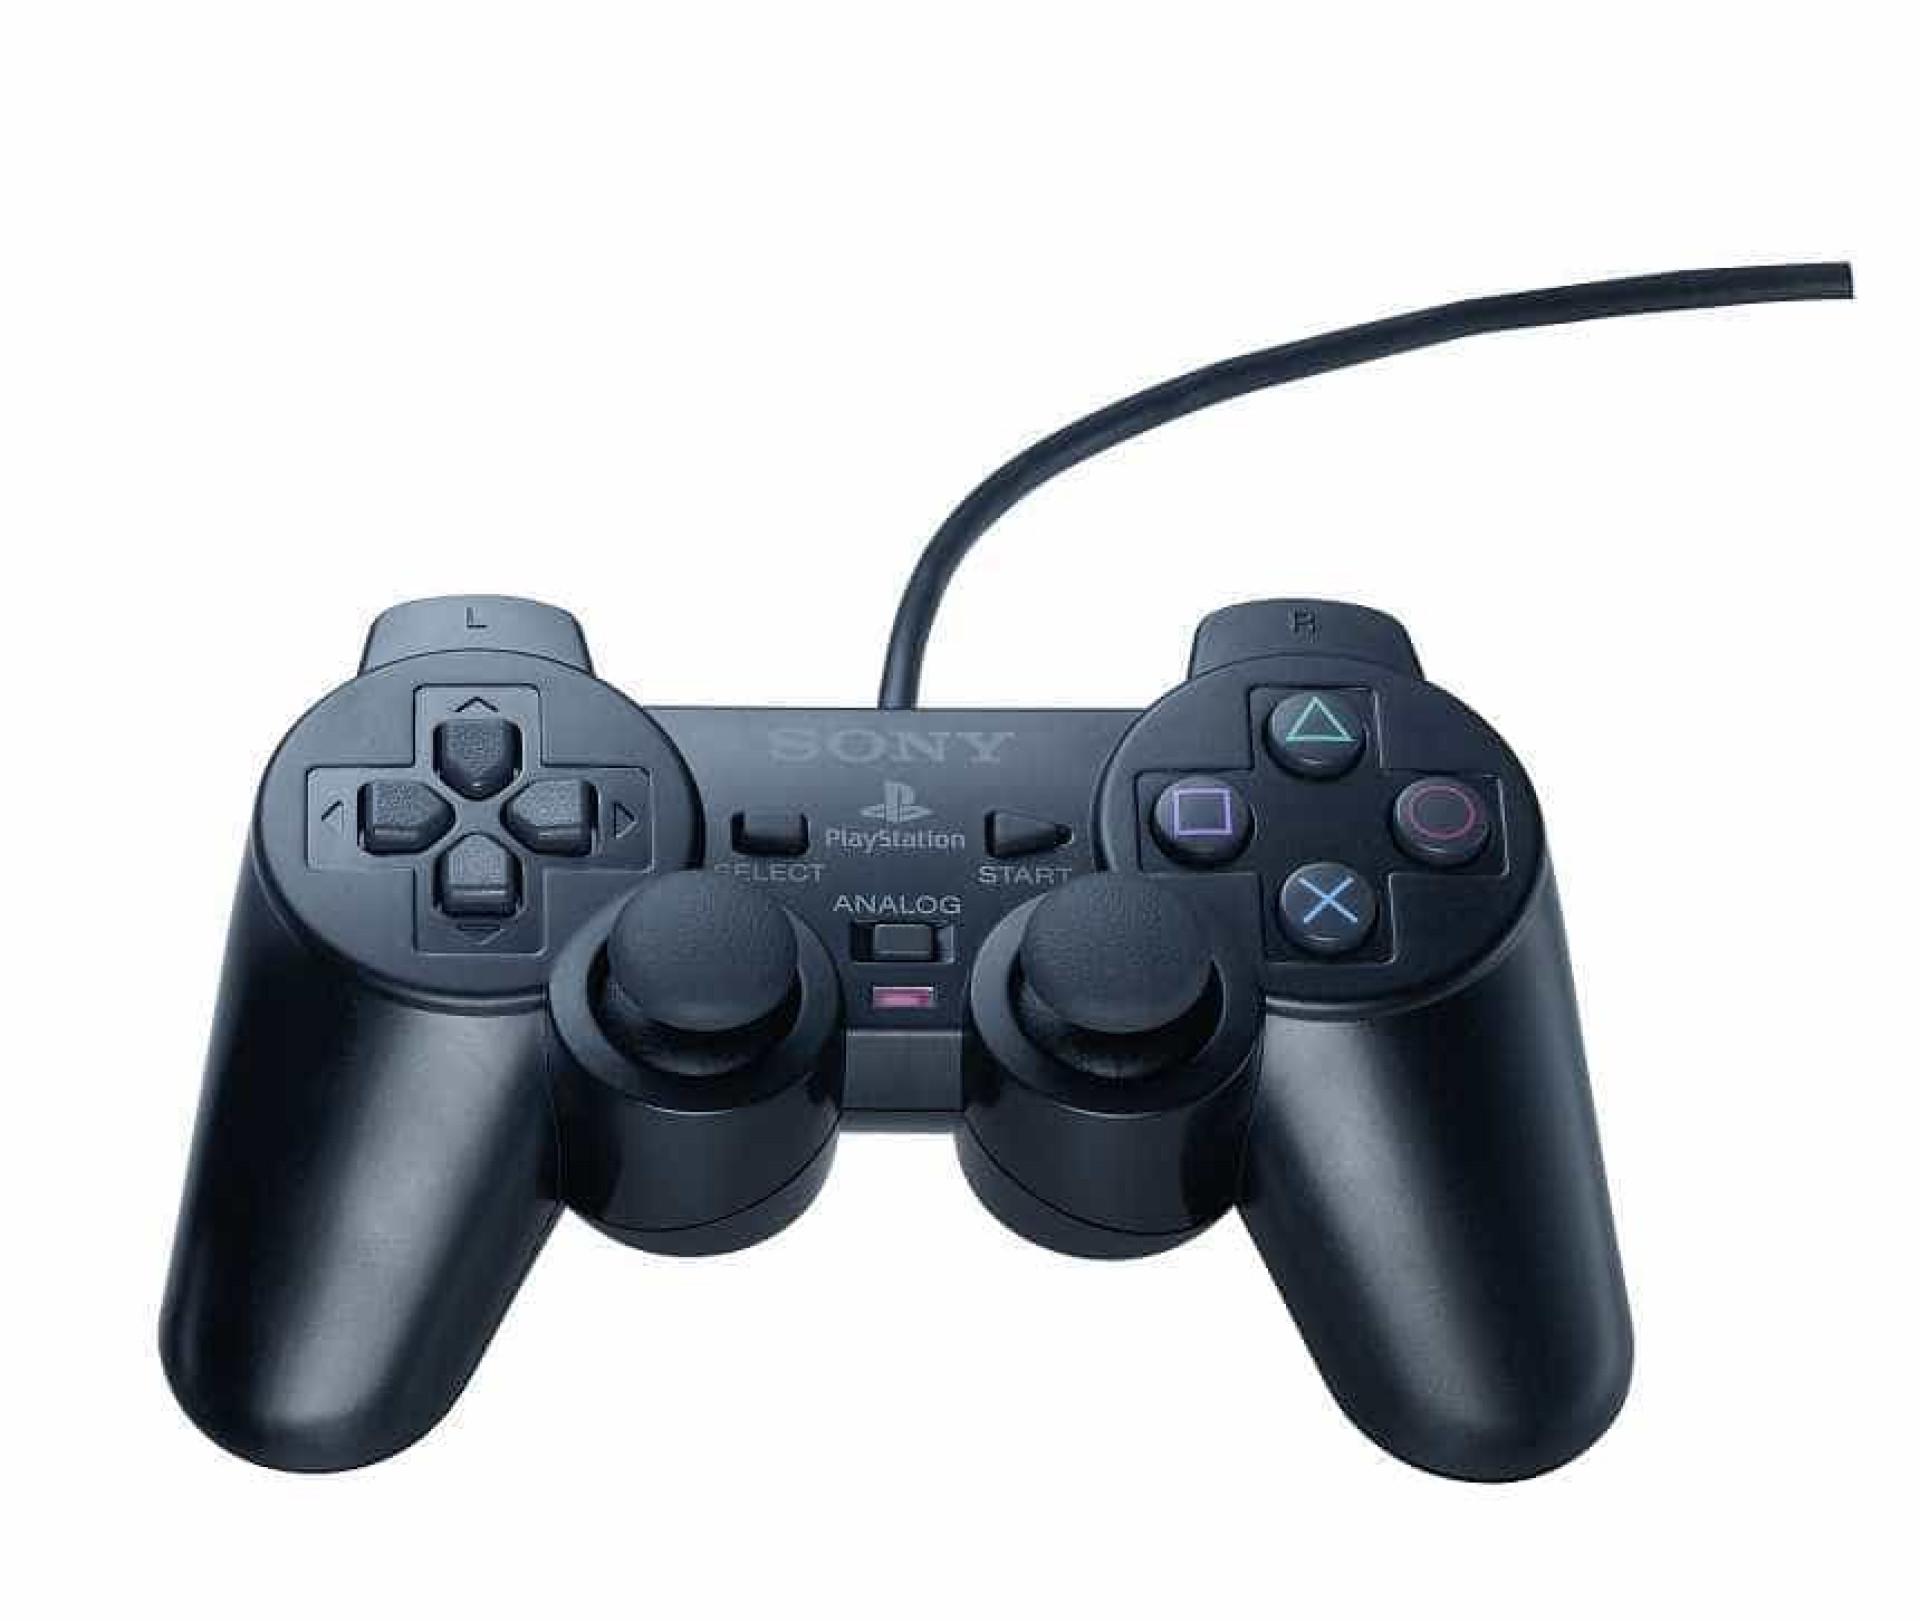 Regresse ao passado e recorde todos os comandos da PlayStation